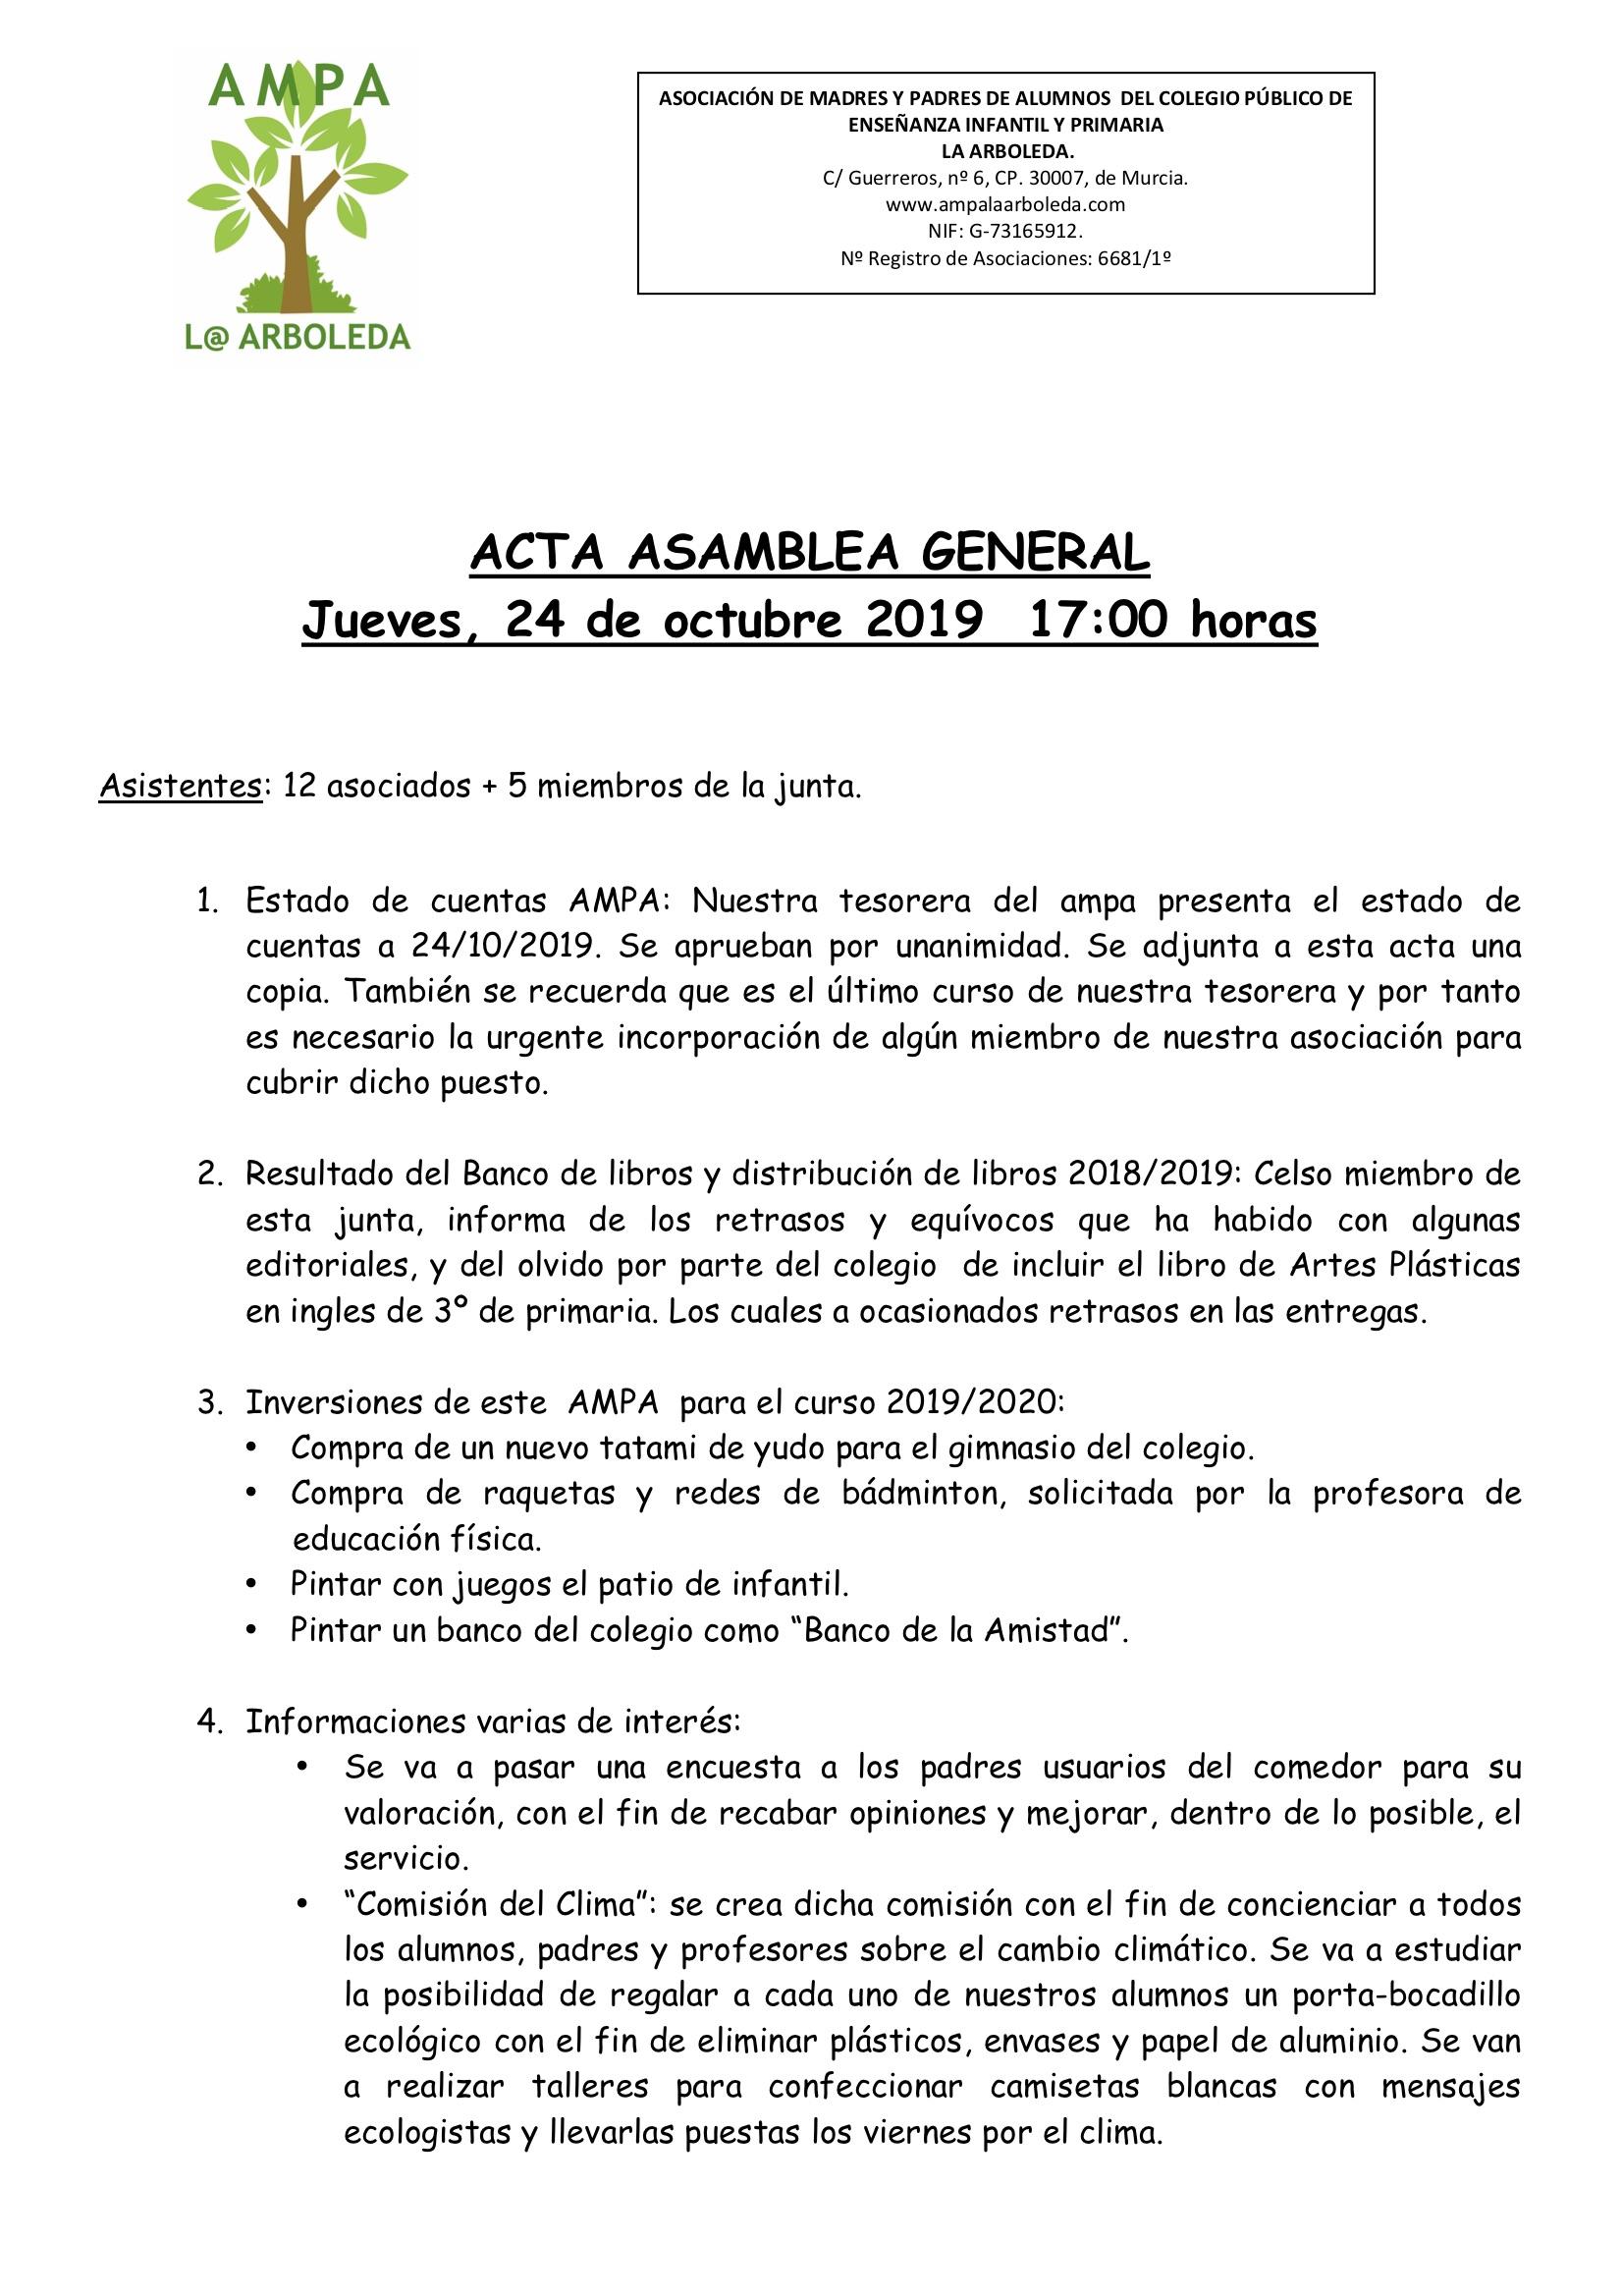 Acta ASAMBLEA 24 octubre 2019 - 1